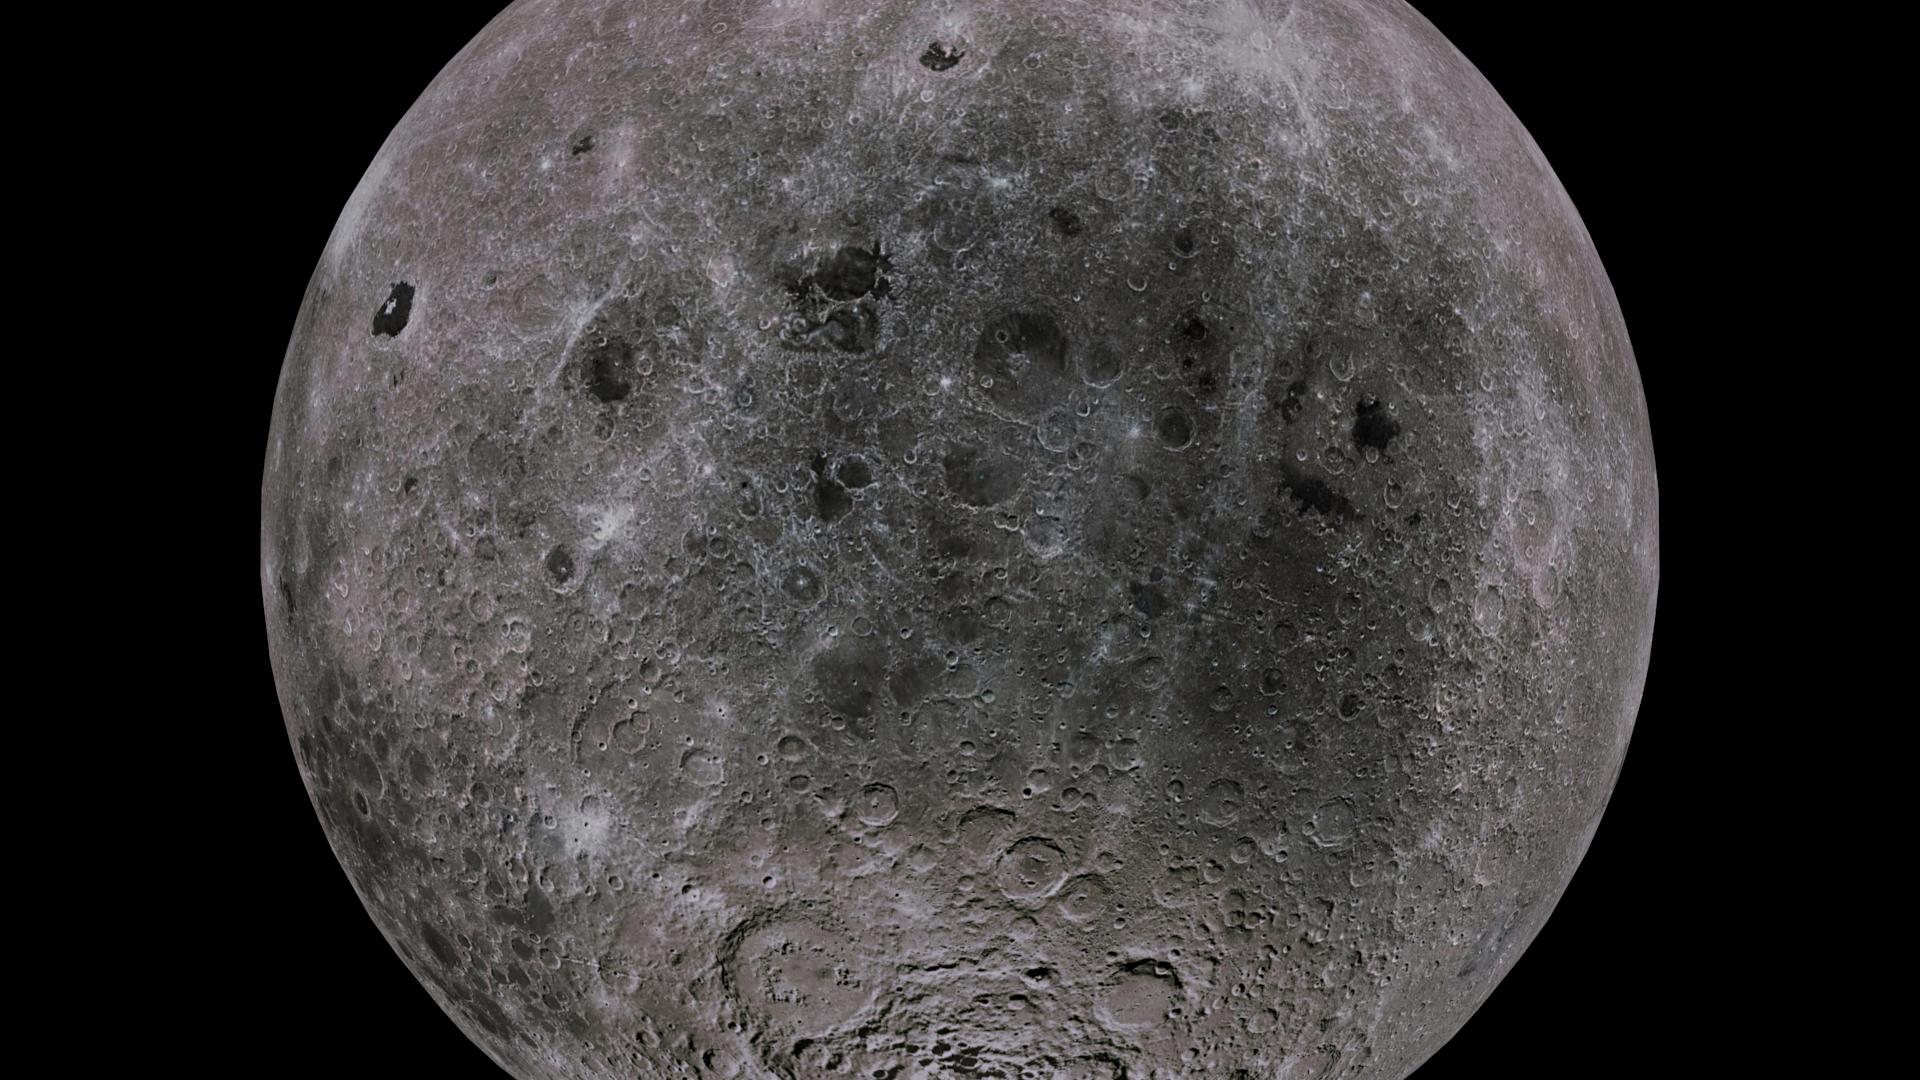 moon 4k 3d model 3ds fbx blend dae obj 210484